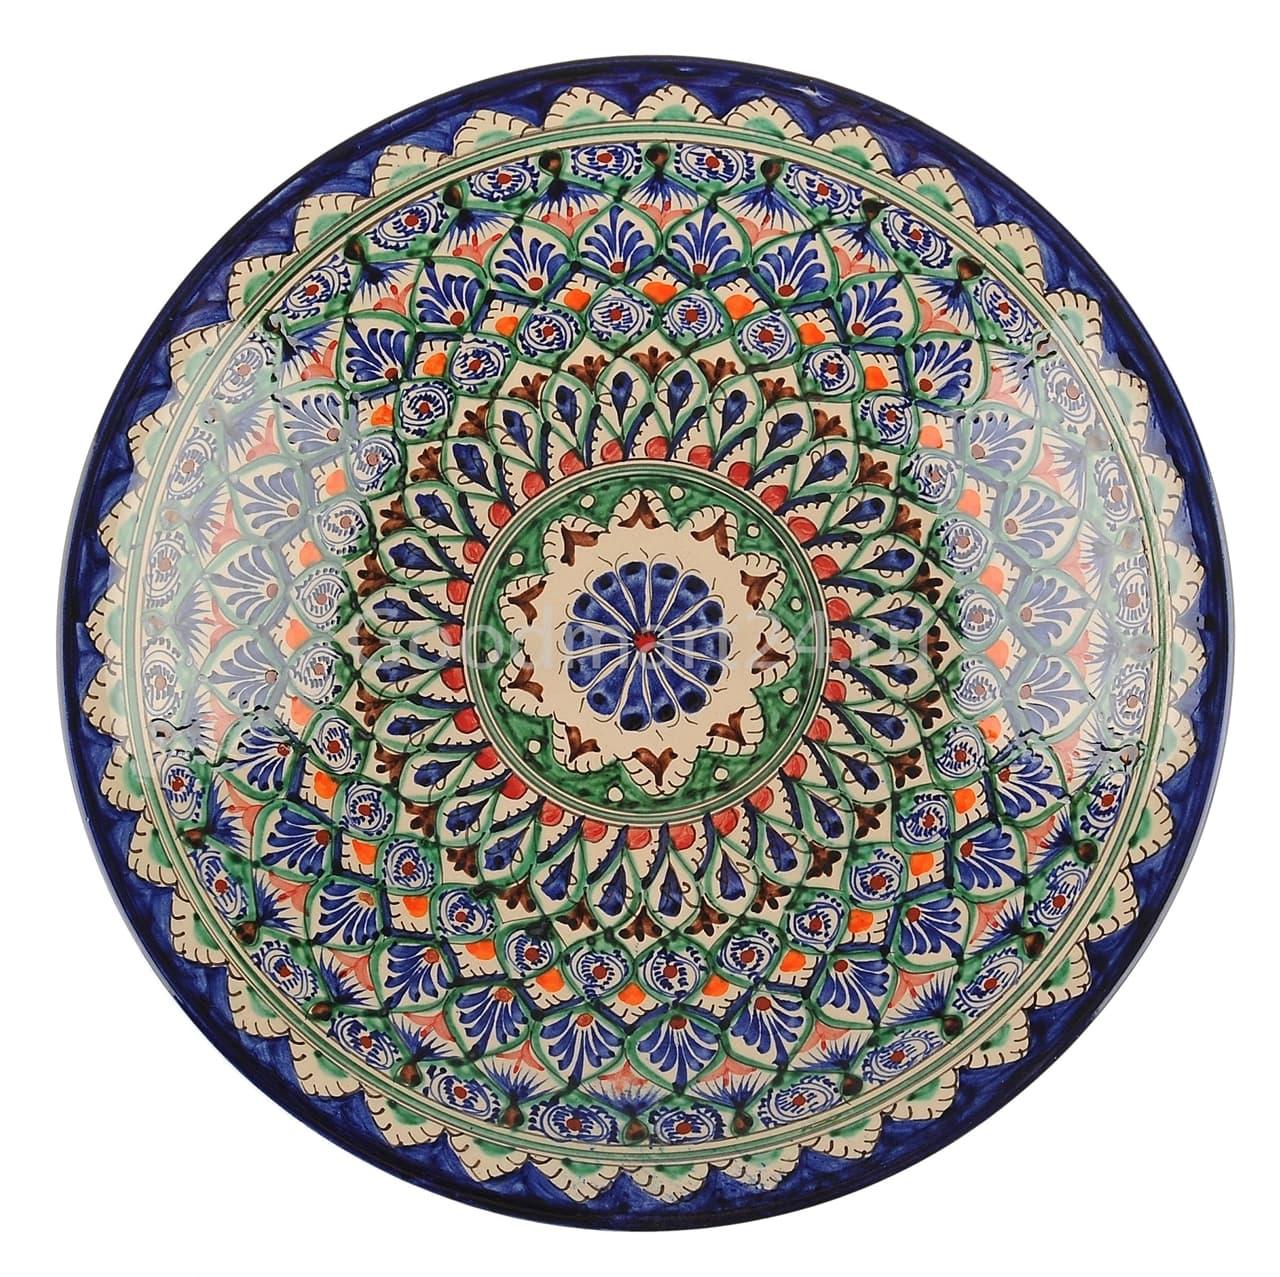 Ляган Риштанская Керамика 46 см. плоский, синий - фото 7333